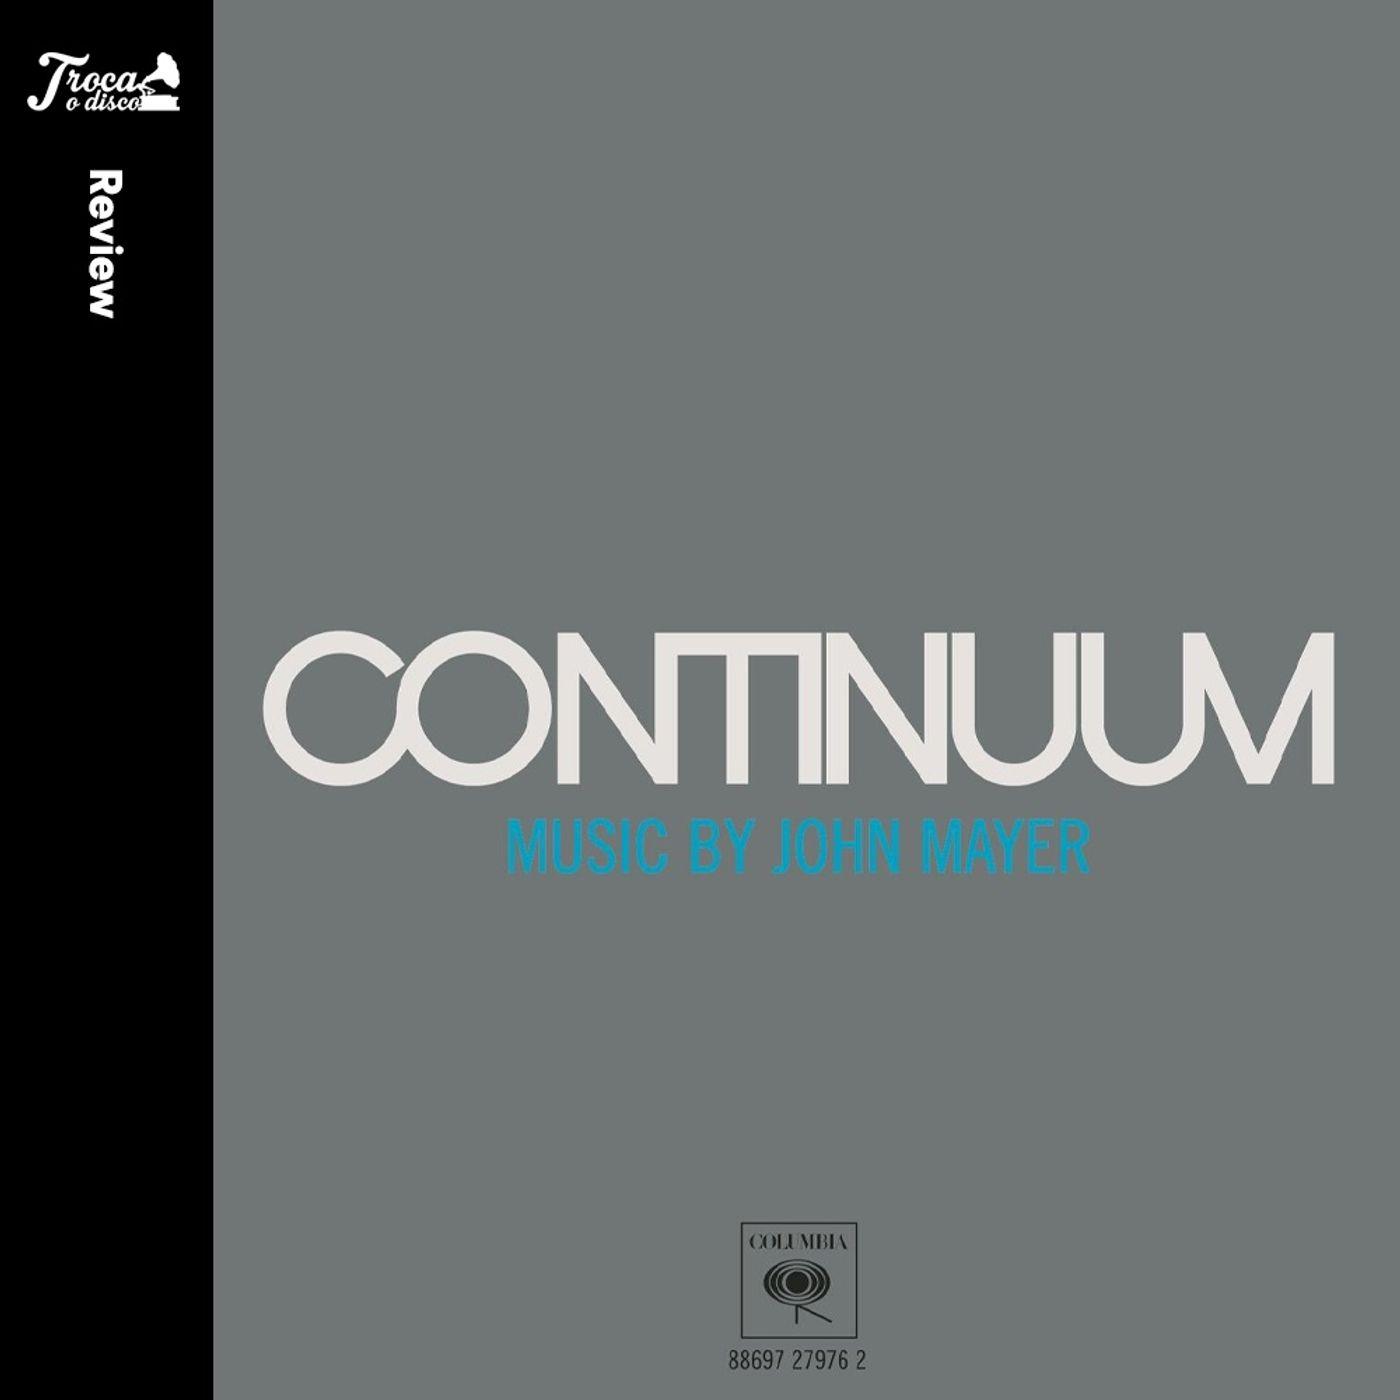 Album Review #65: John Mayer - Continuum